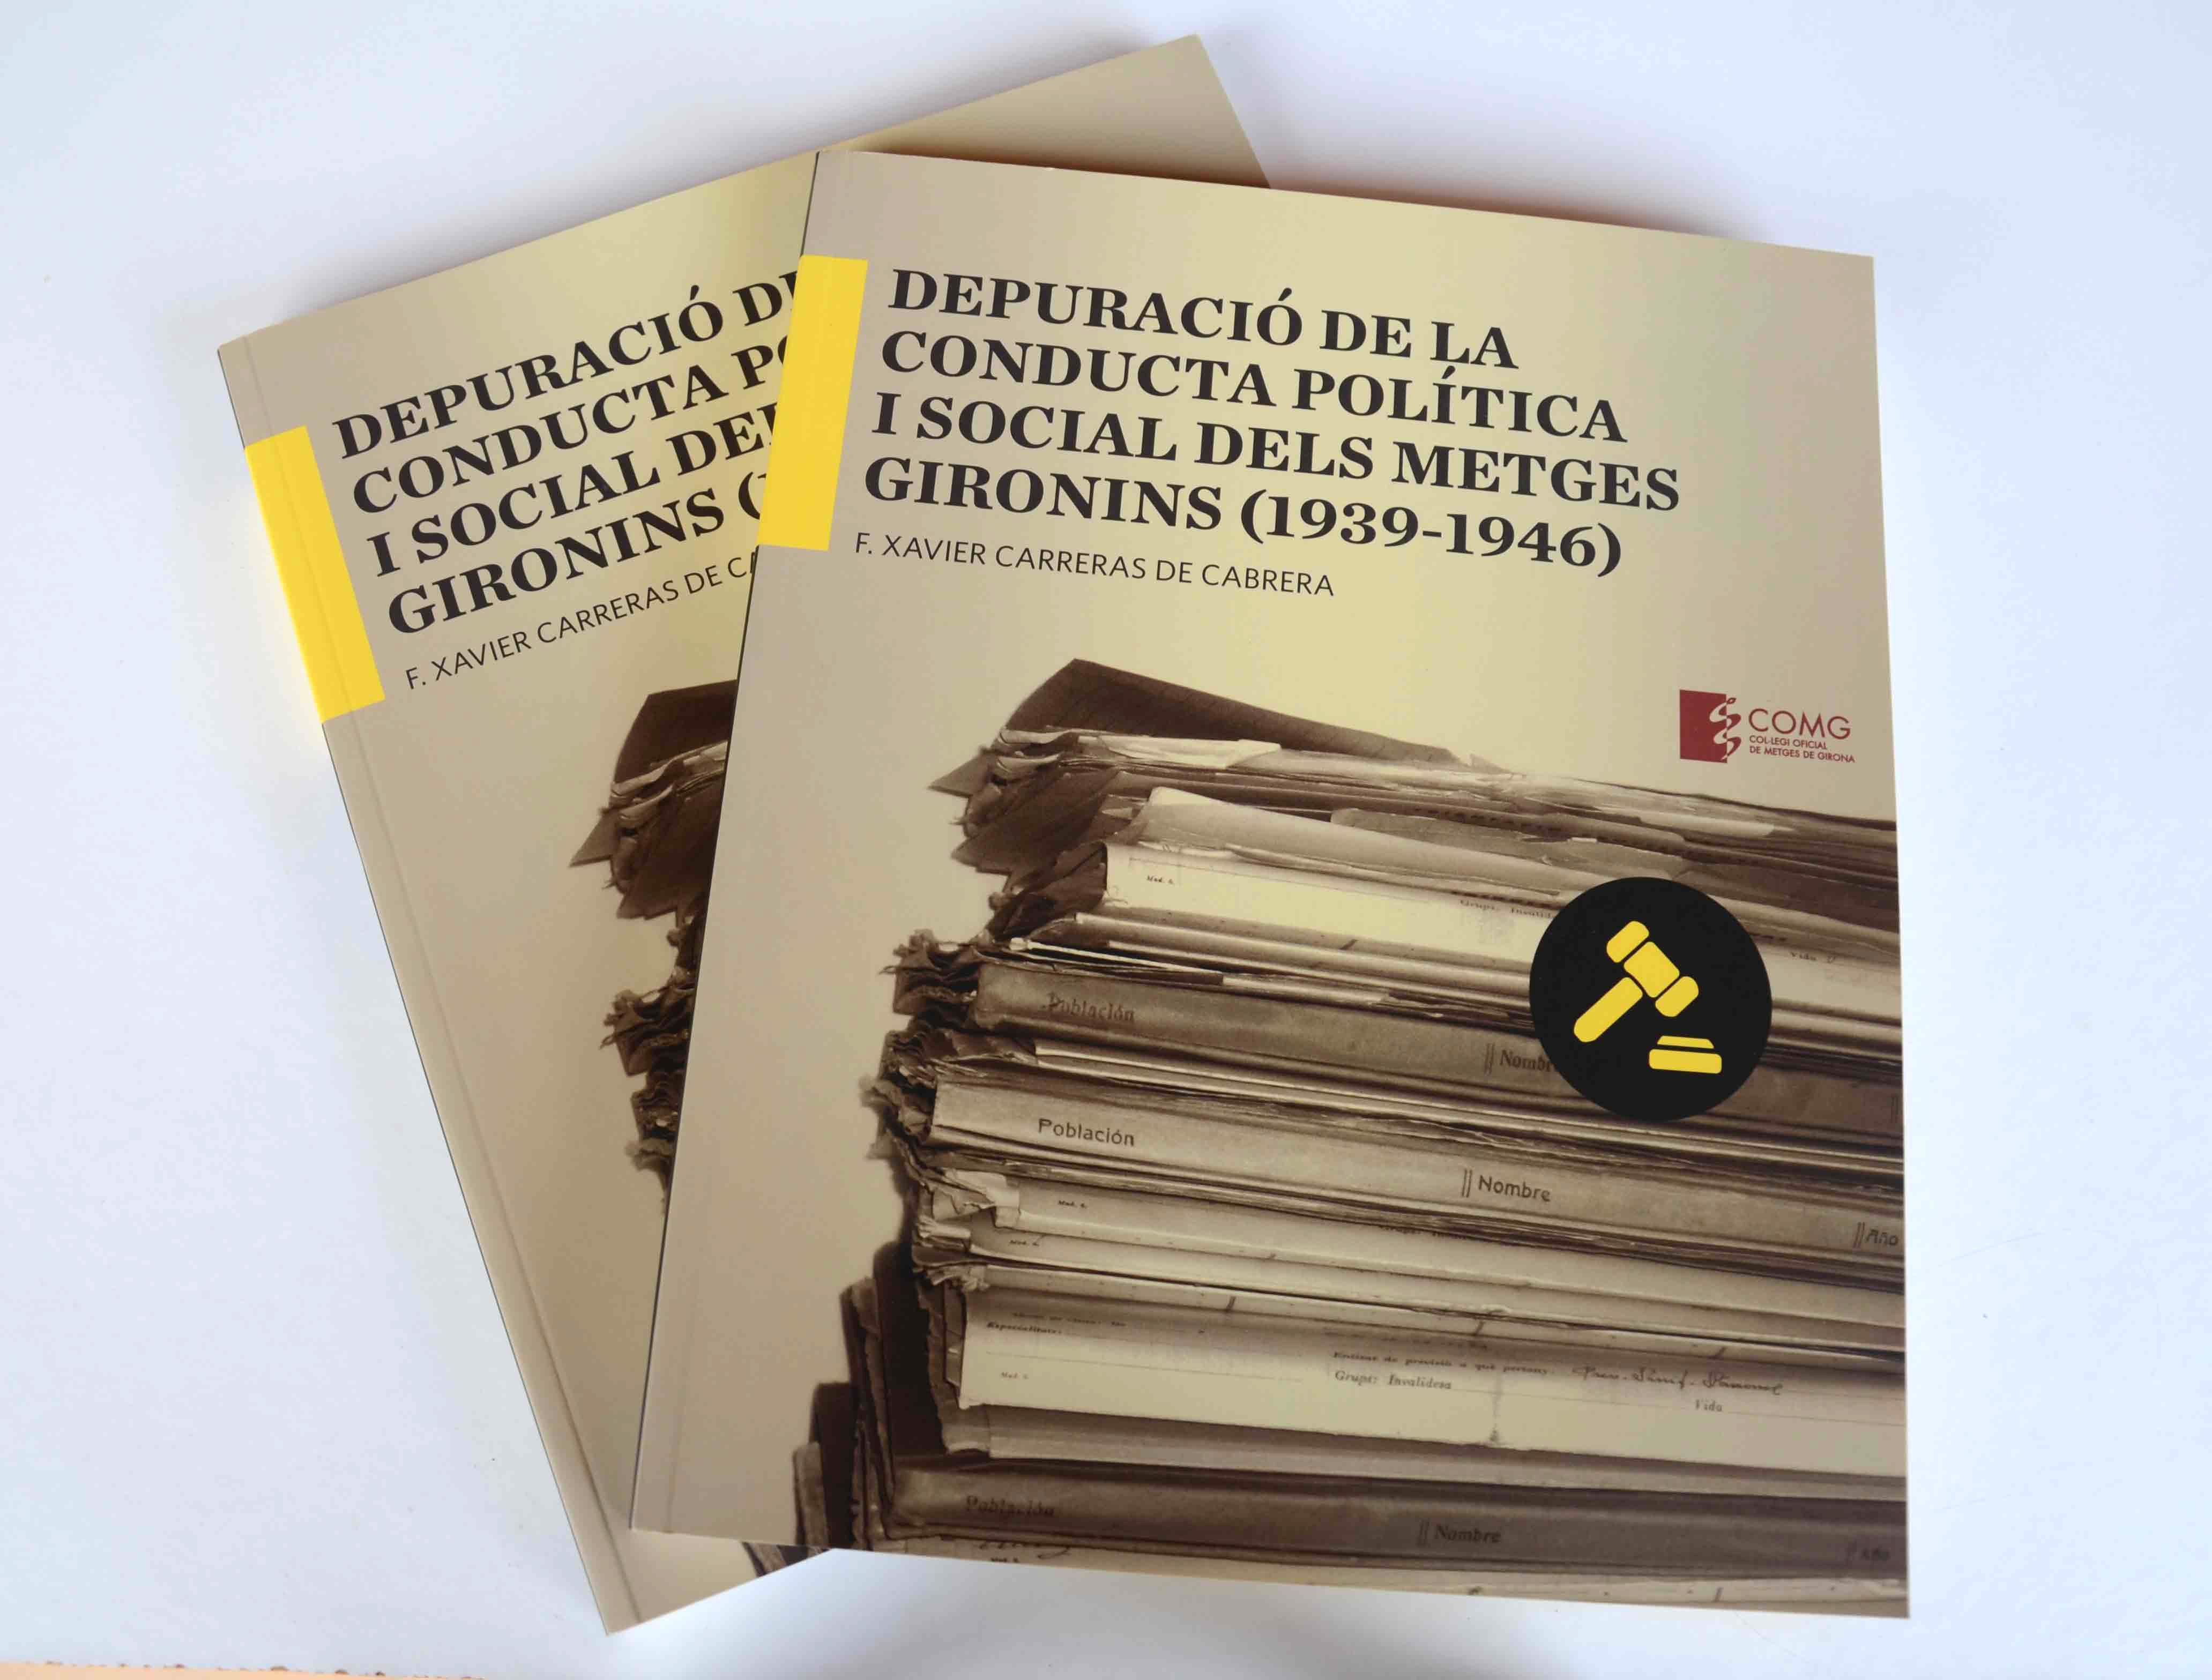 Depuració de la conducta política i social dels metges gironins (1939-1946)